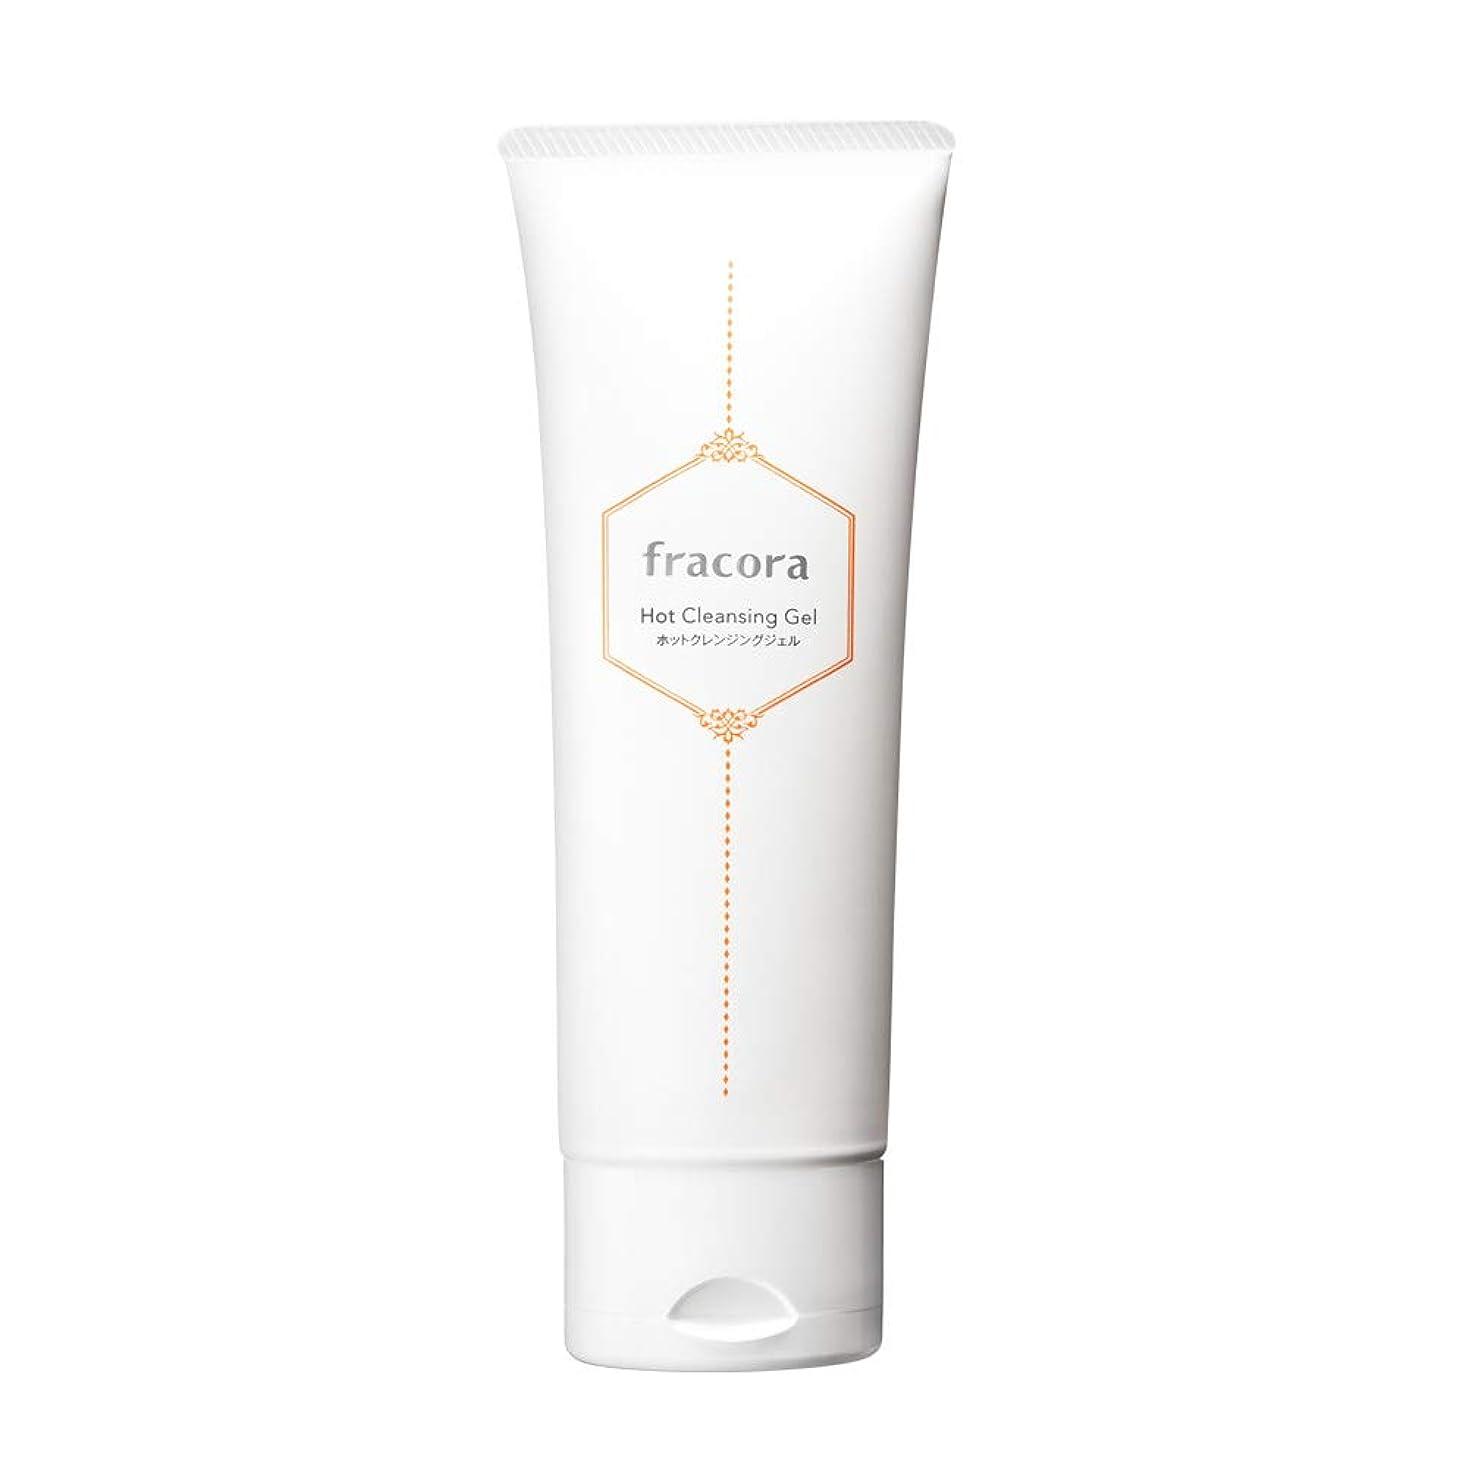 現実的買う凍ったfracora(フラコラ) ホットクレンジングジェル 120g